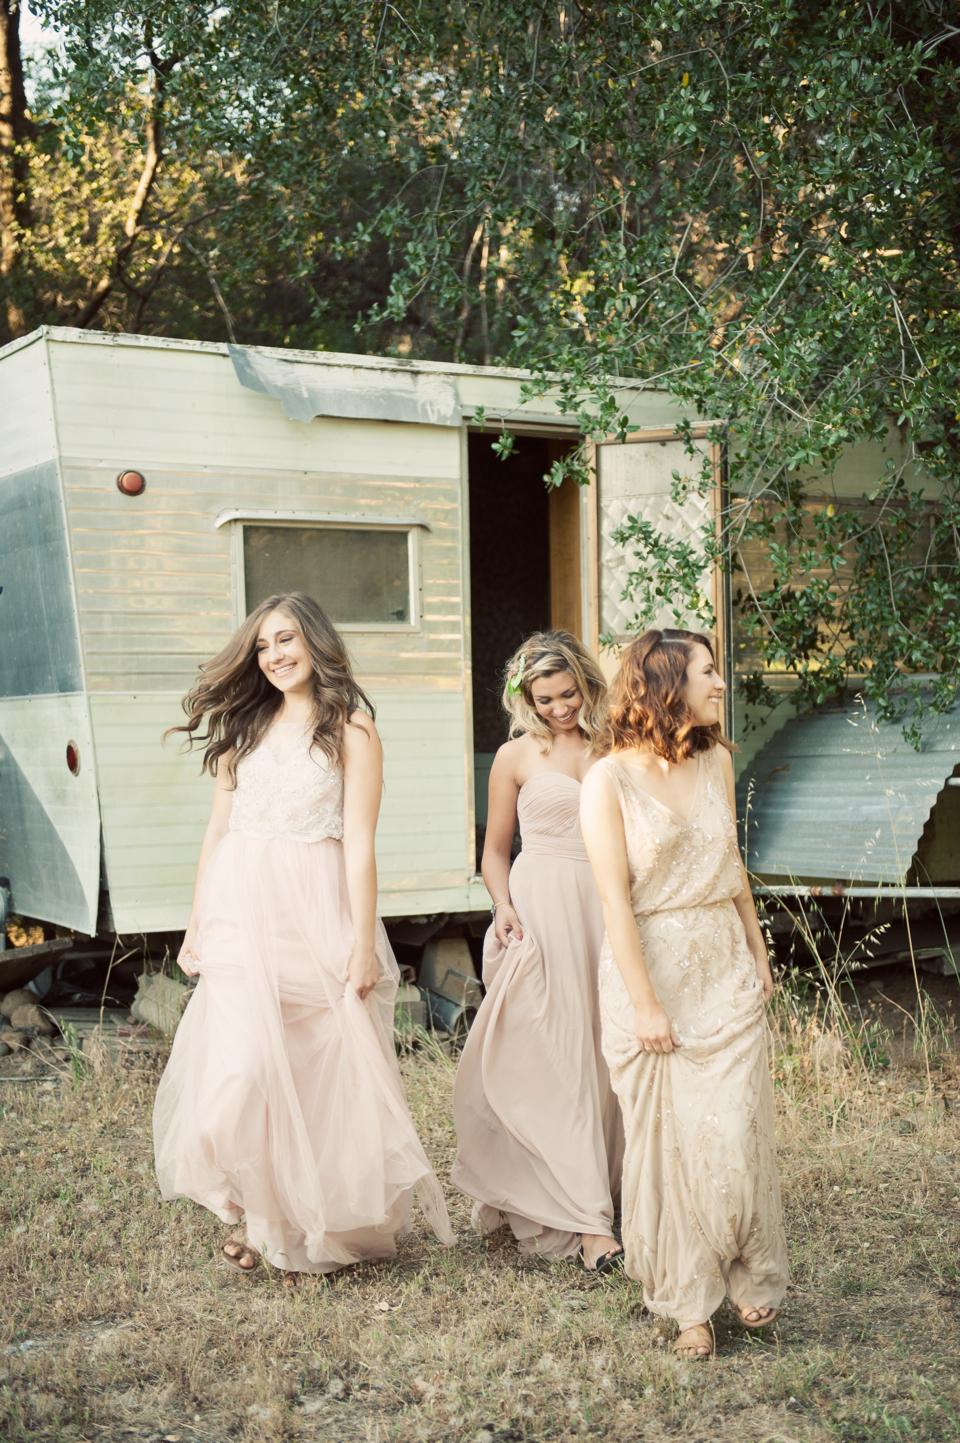 citnb-bhldn-bridesmaid-dresses-nude-02